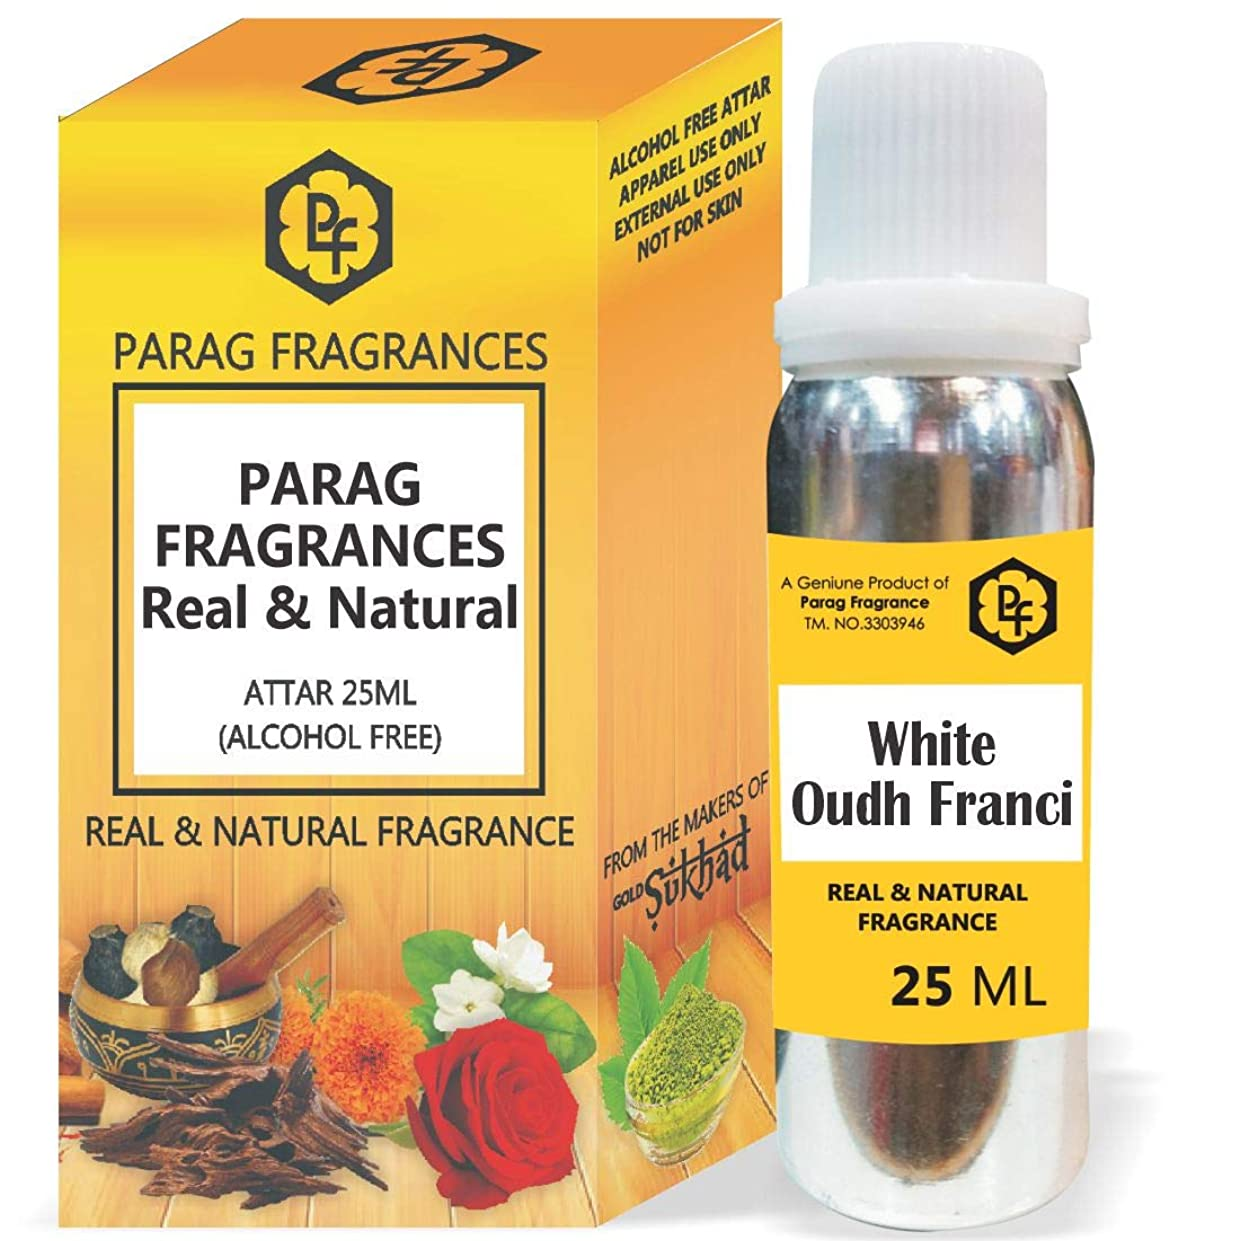 小間水っぽい神の50/100/200/500パック内の他のエディションParagフレグランス25ミリリットルファンシー空き瓶(アルコールフリー、ロングラスティング、自然アター)と白いOudhフランシアター